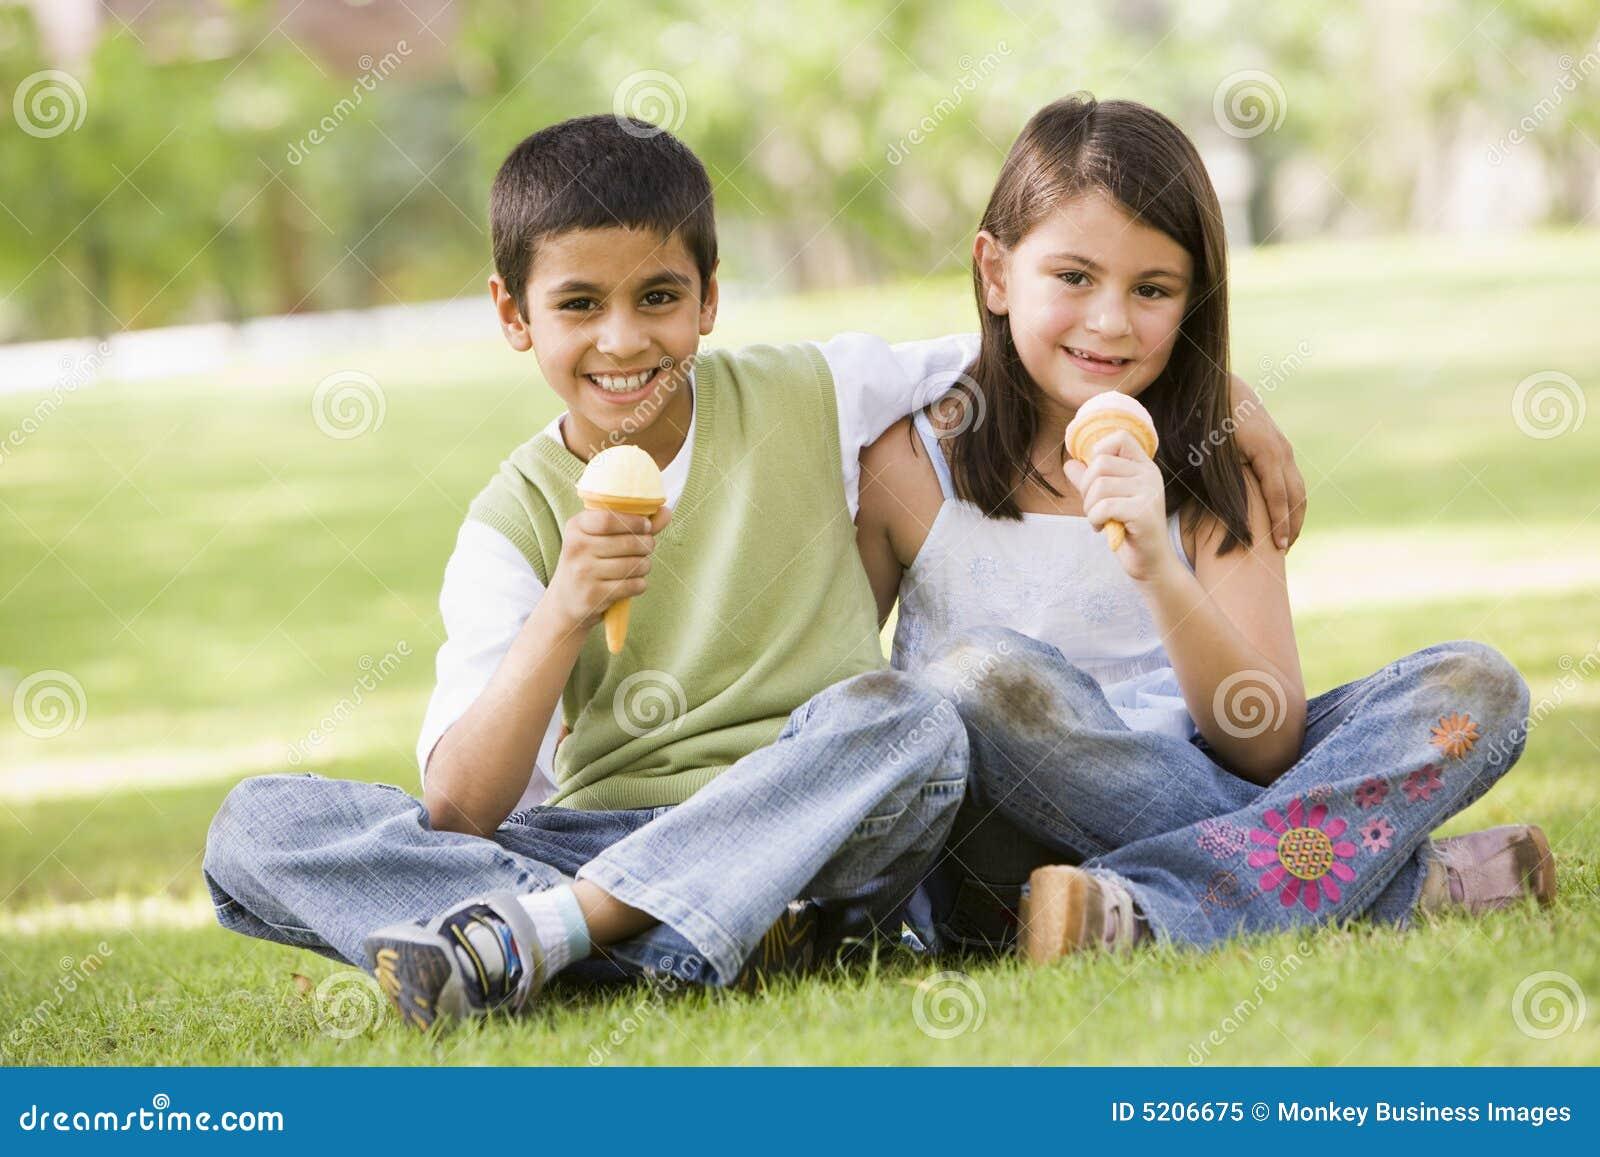 kids at 2 - photo #22